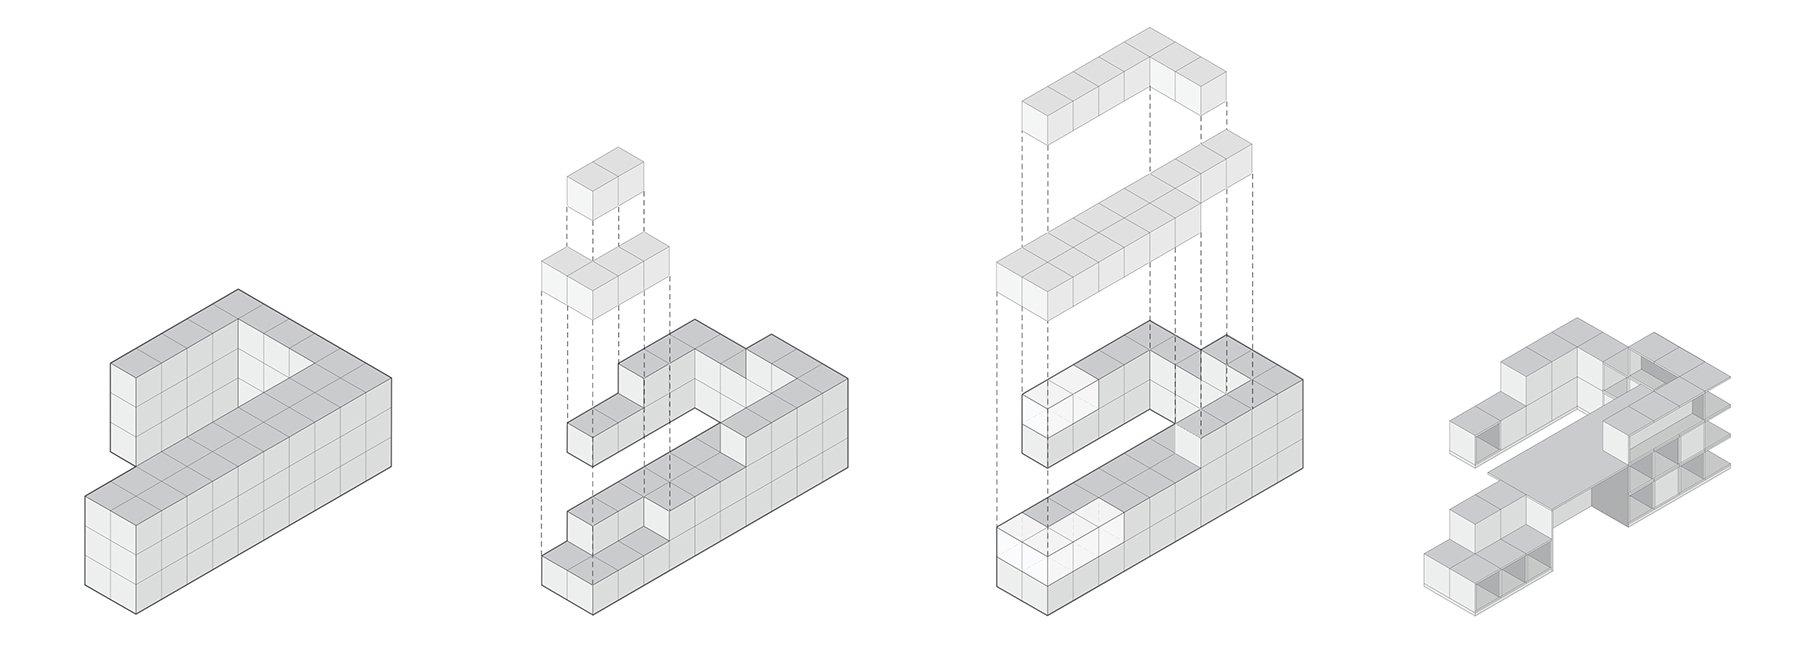 """Estructura del edificio Startup Hub """"Cloudworks Pujades"""" en el distrito 22@ de Barcelona."""